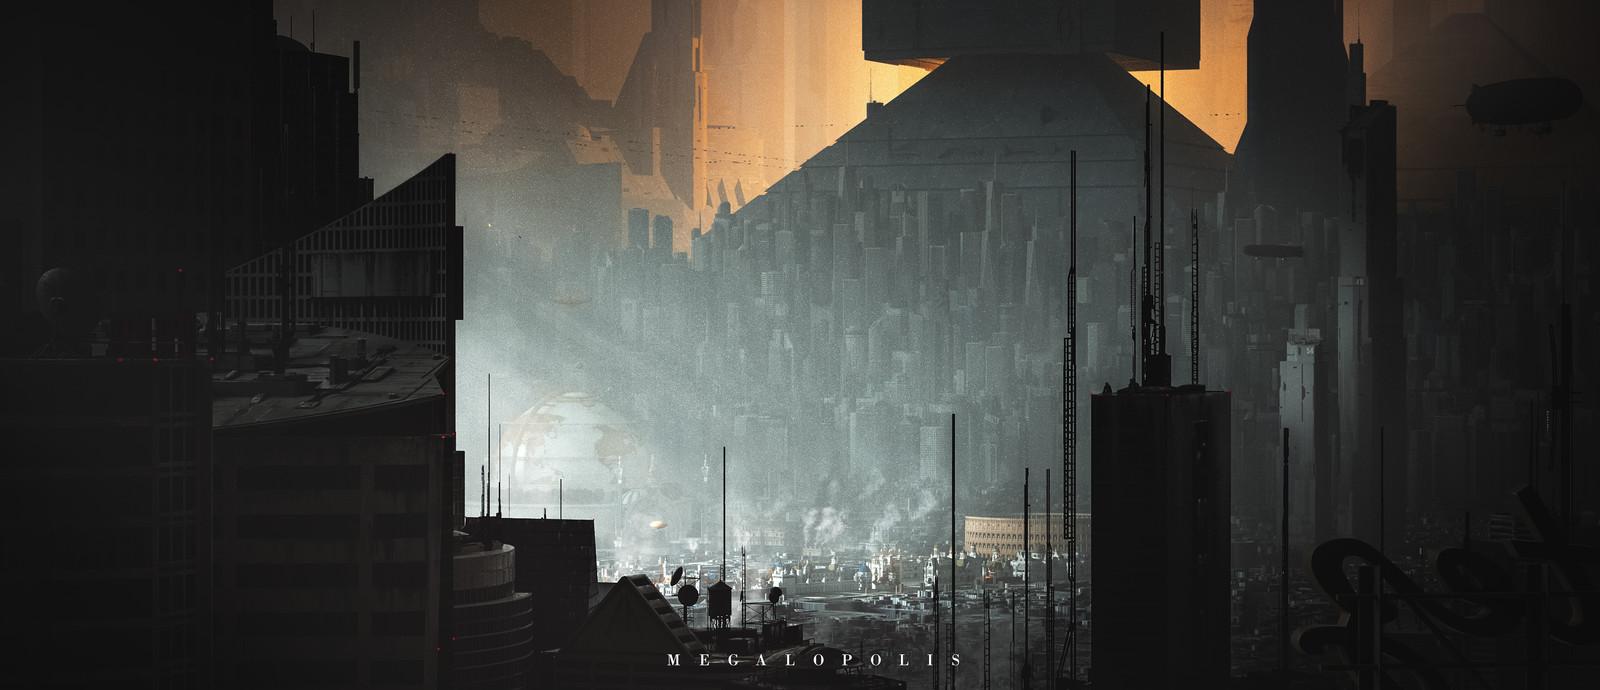 Megalopolis - Concept art I